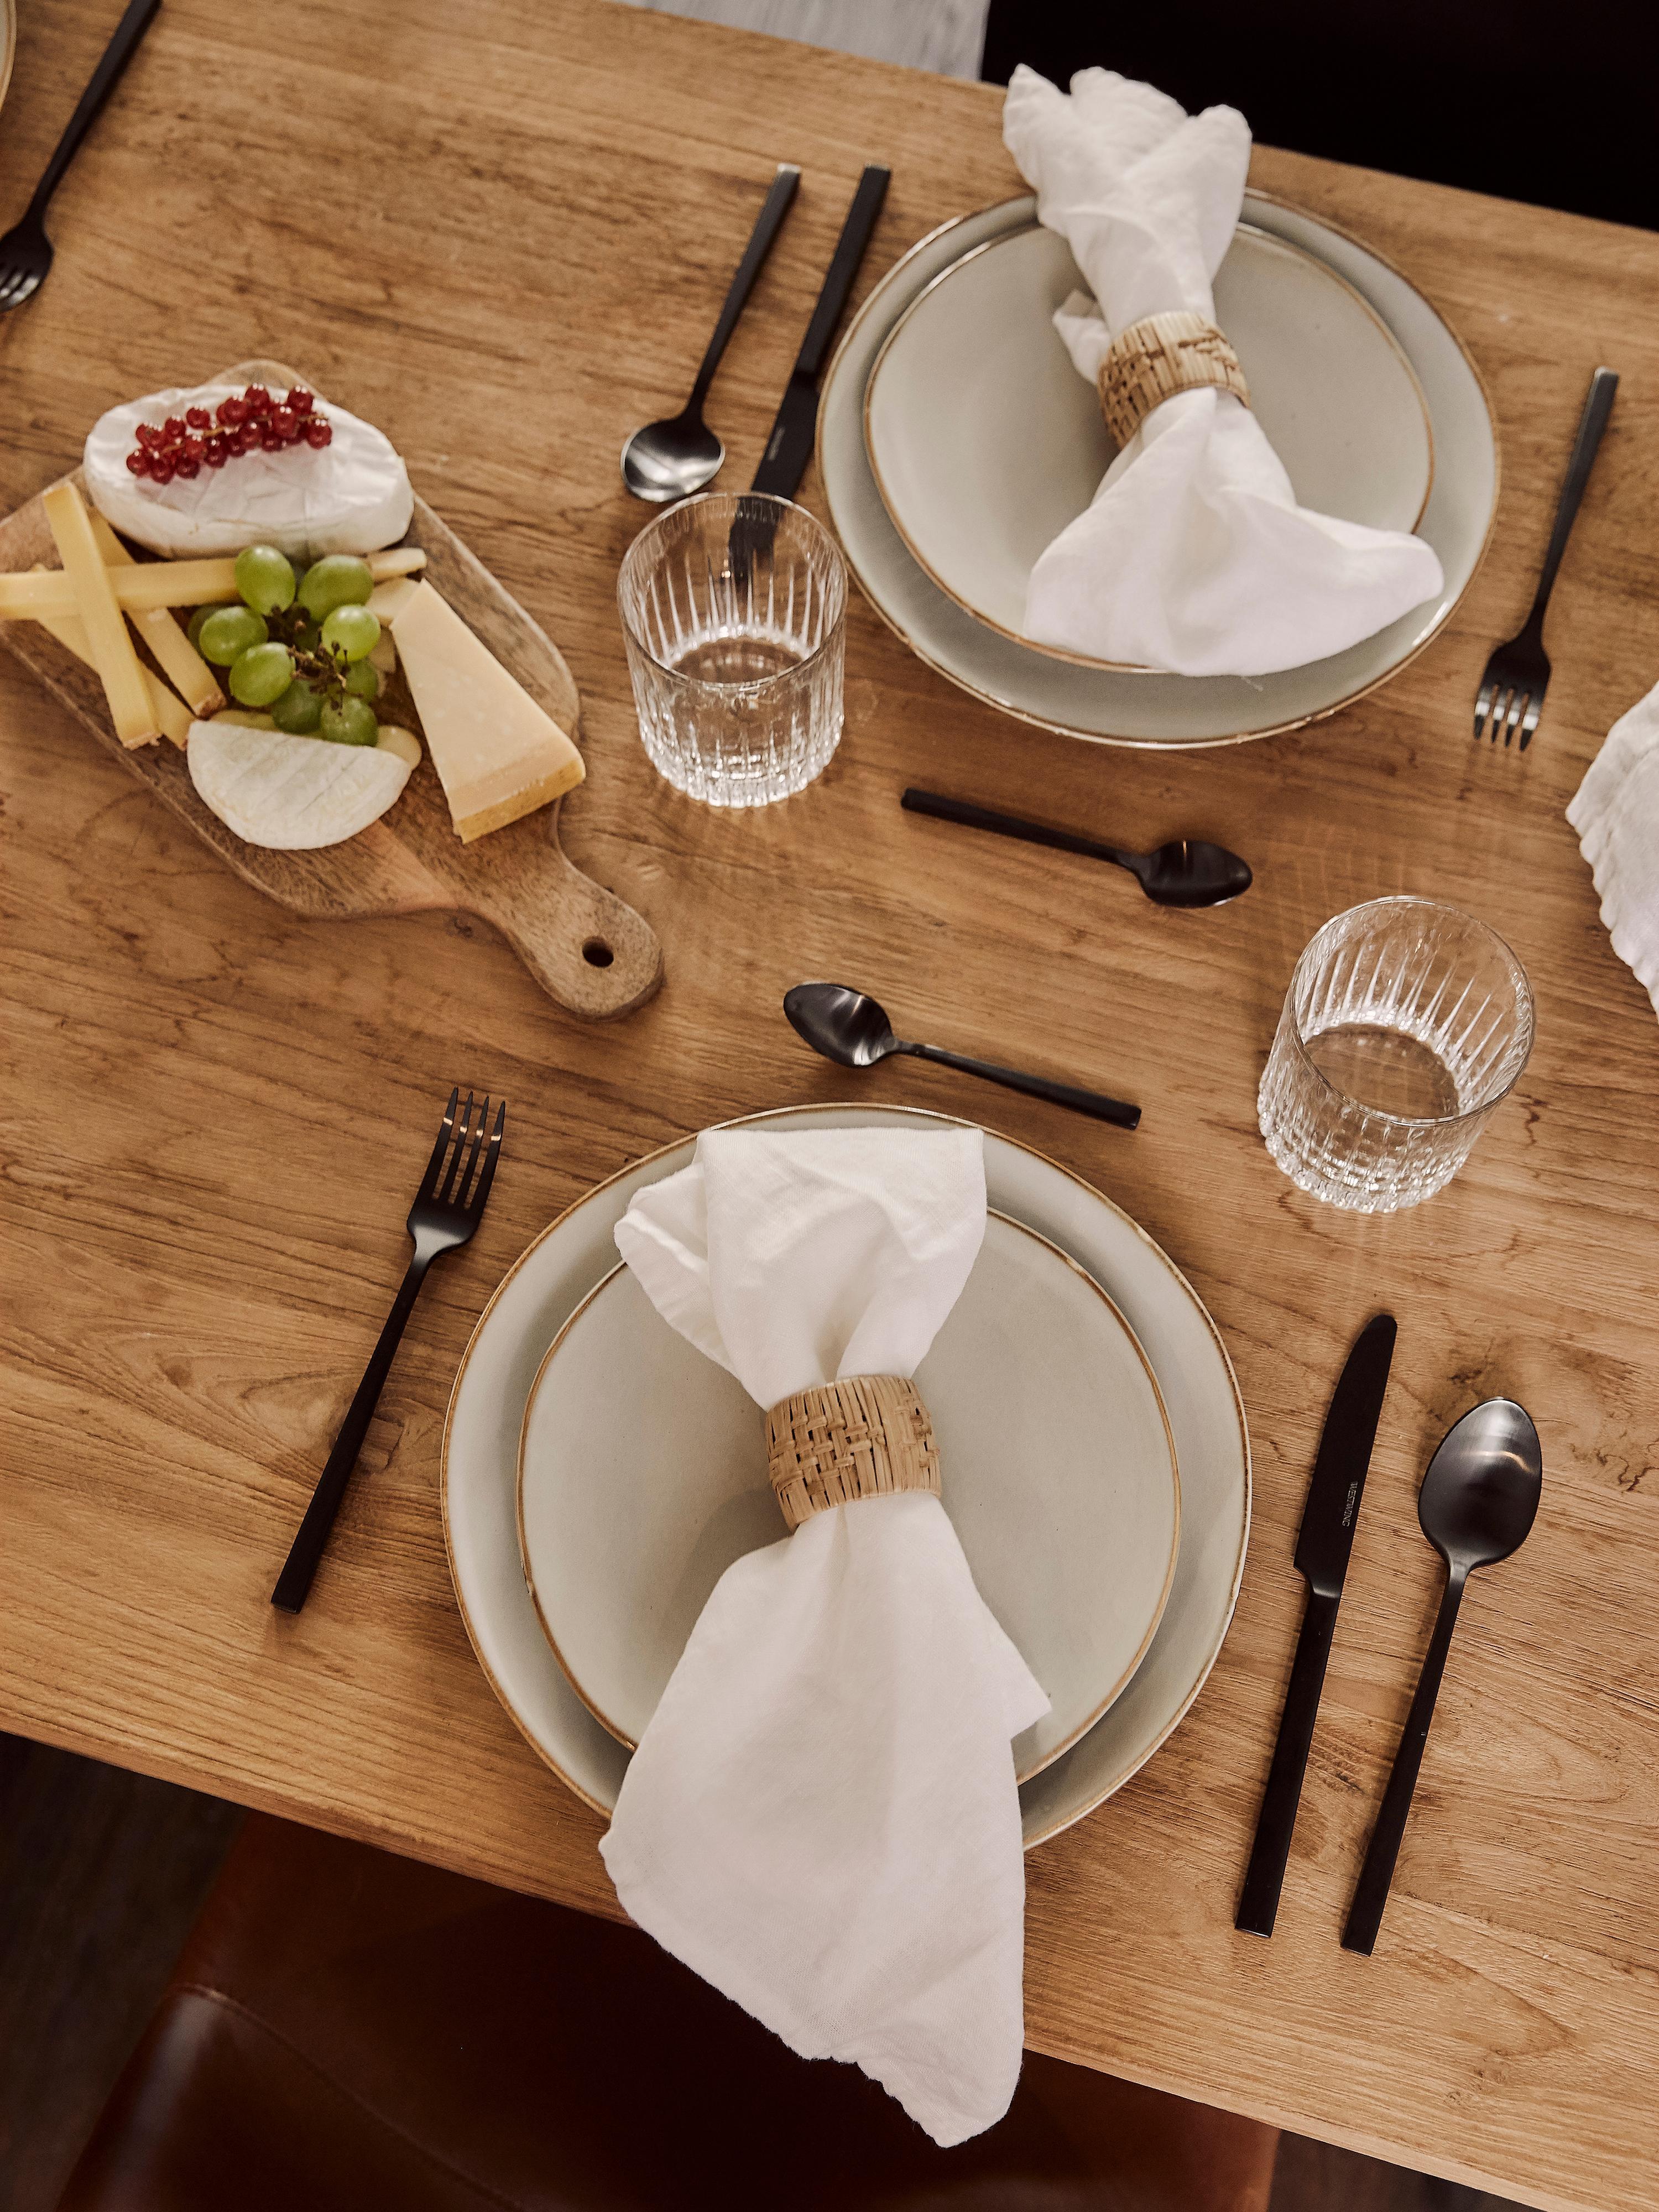 Piattino da dessert fatto a mano Thalia 2 pz, Terracotta, Crema con bordo scuro, Ø 22 cm